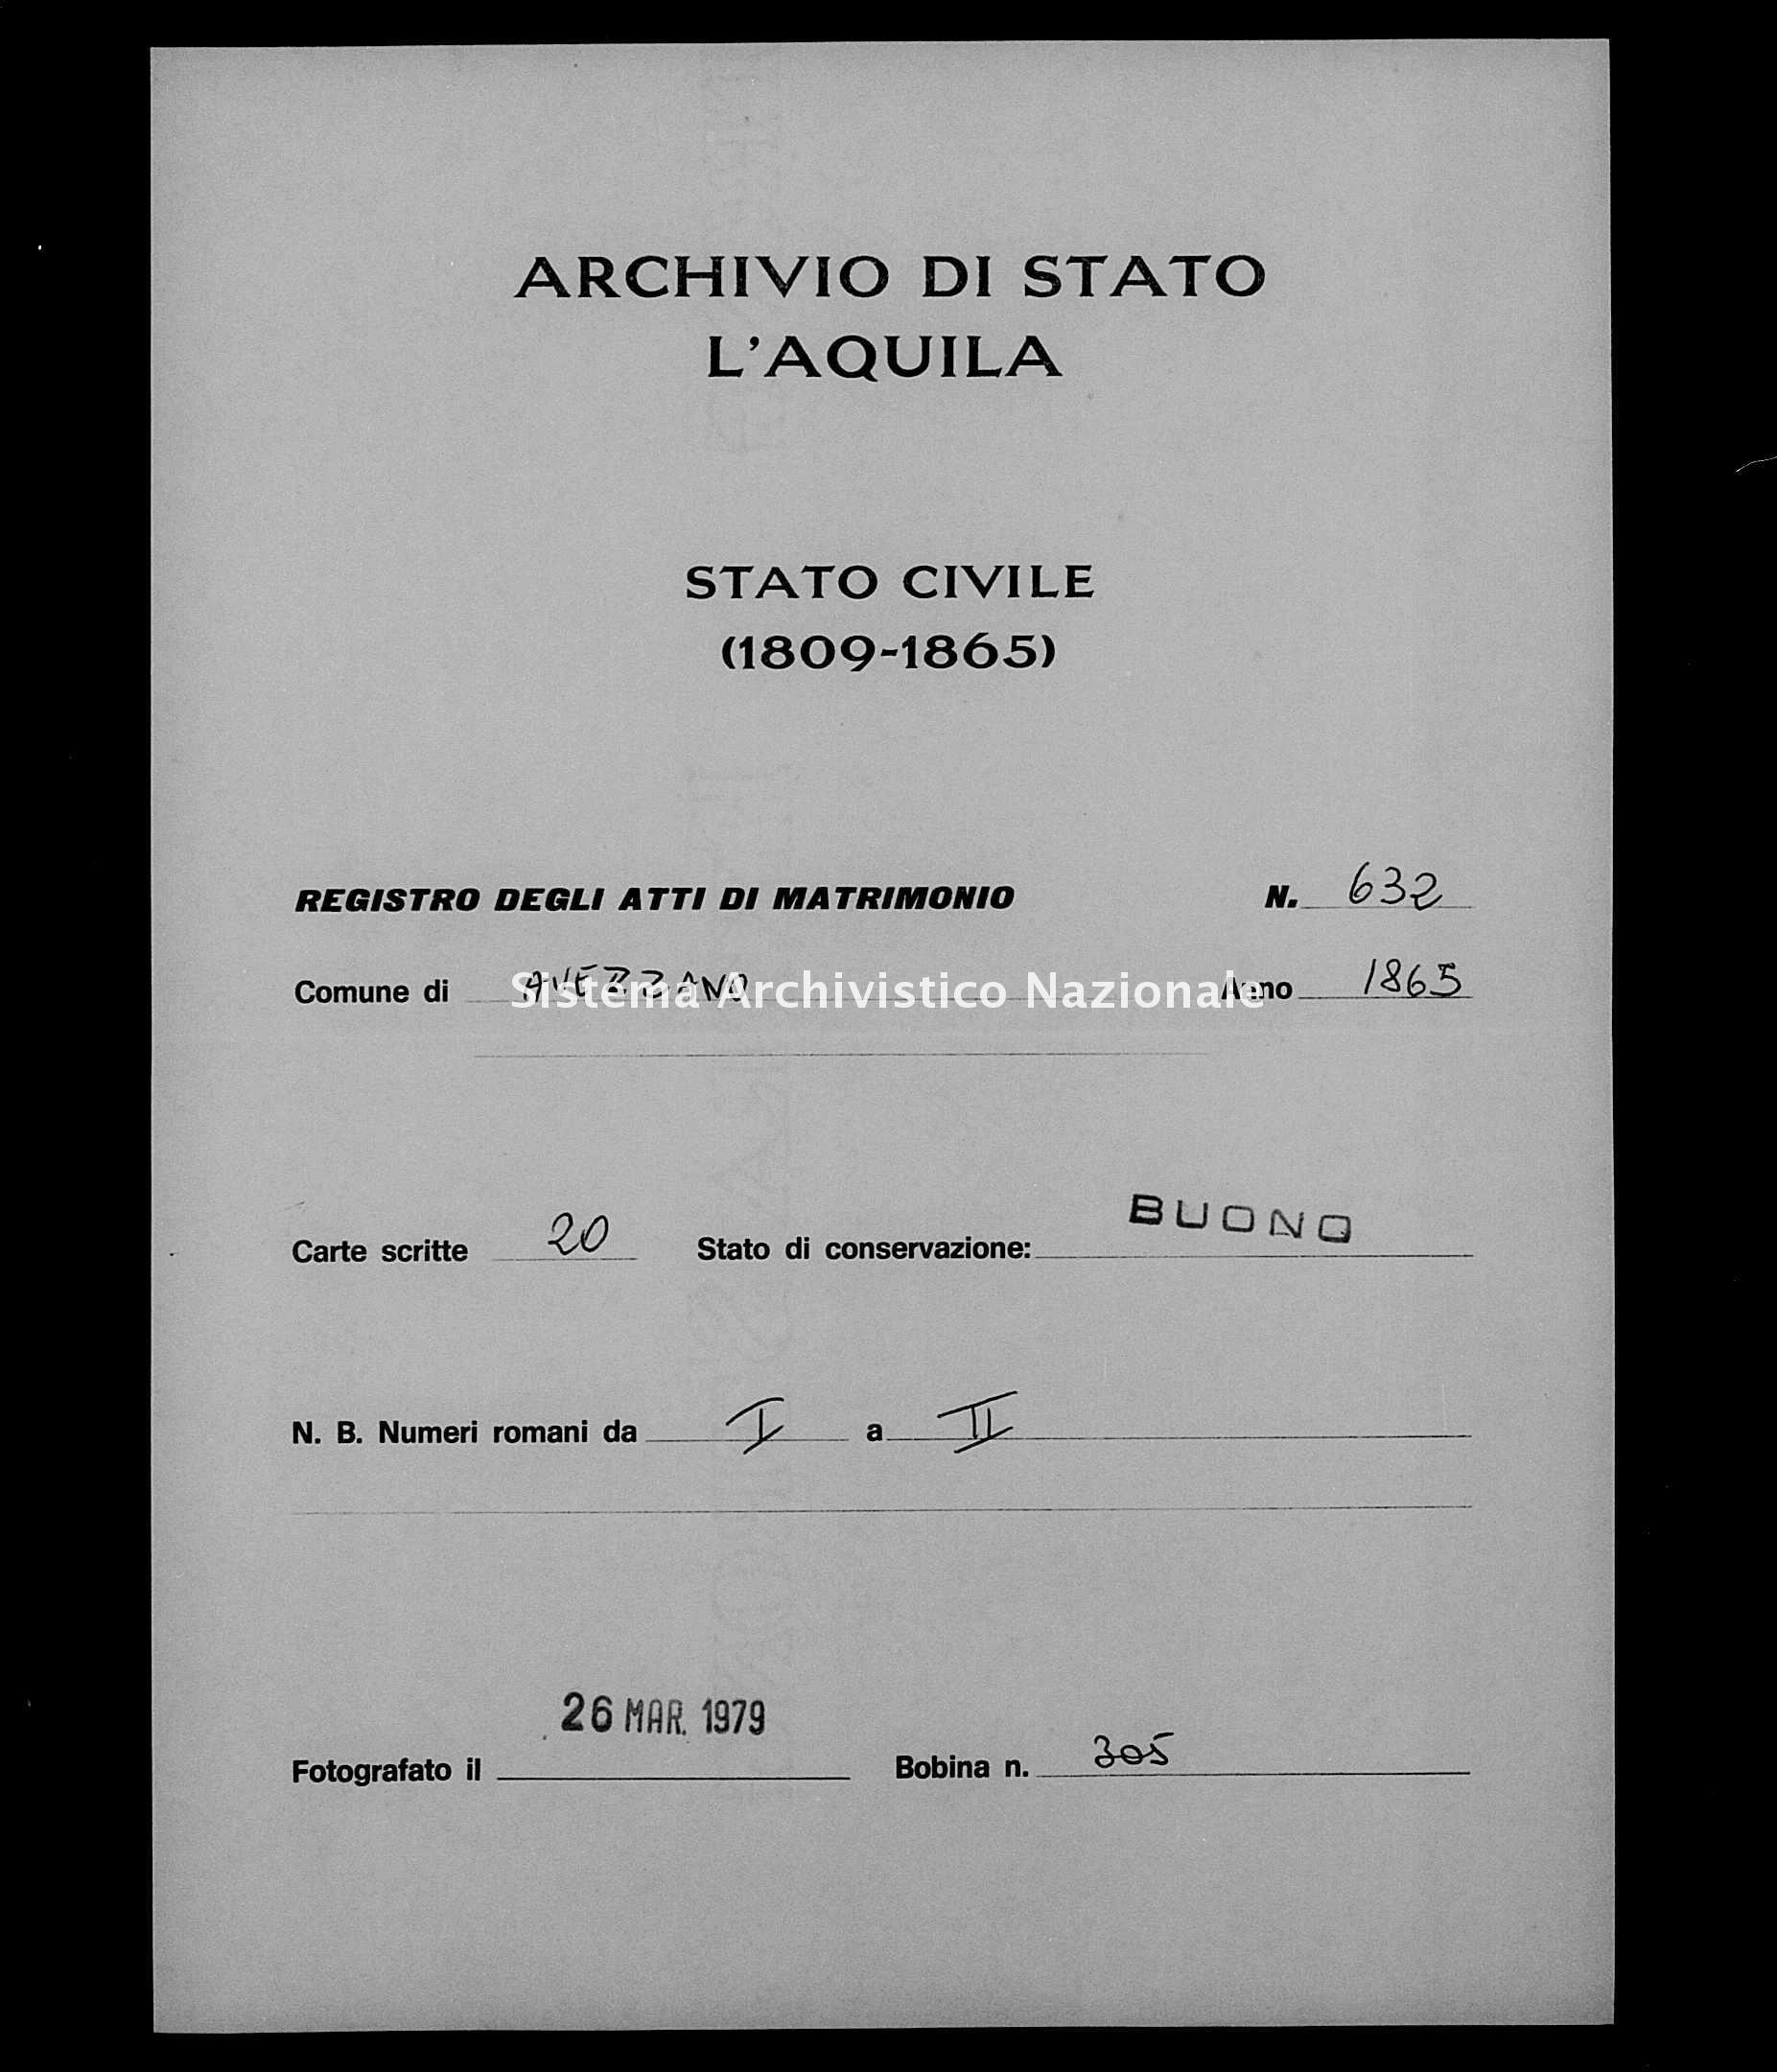 Archivio di stato di L'aquila - Stato civile italiano - Avezzano - Matrimoni - 1865 - 632 -